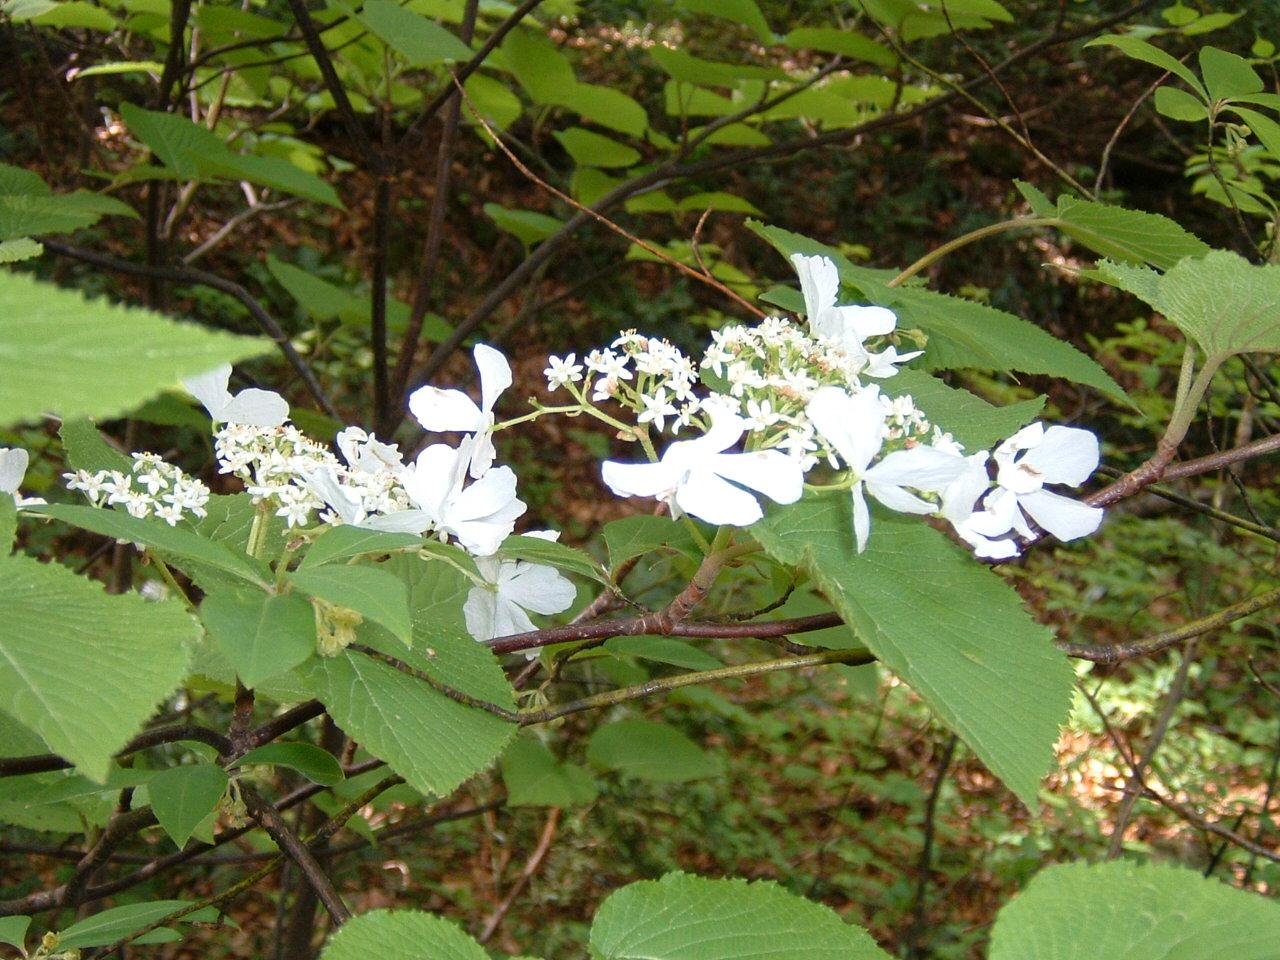 鳥取県大山寺周辺の植物   by (岡田)_c0239329_148633.jpg